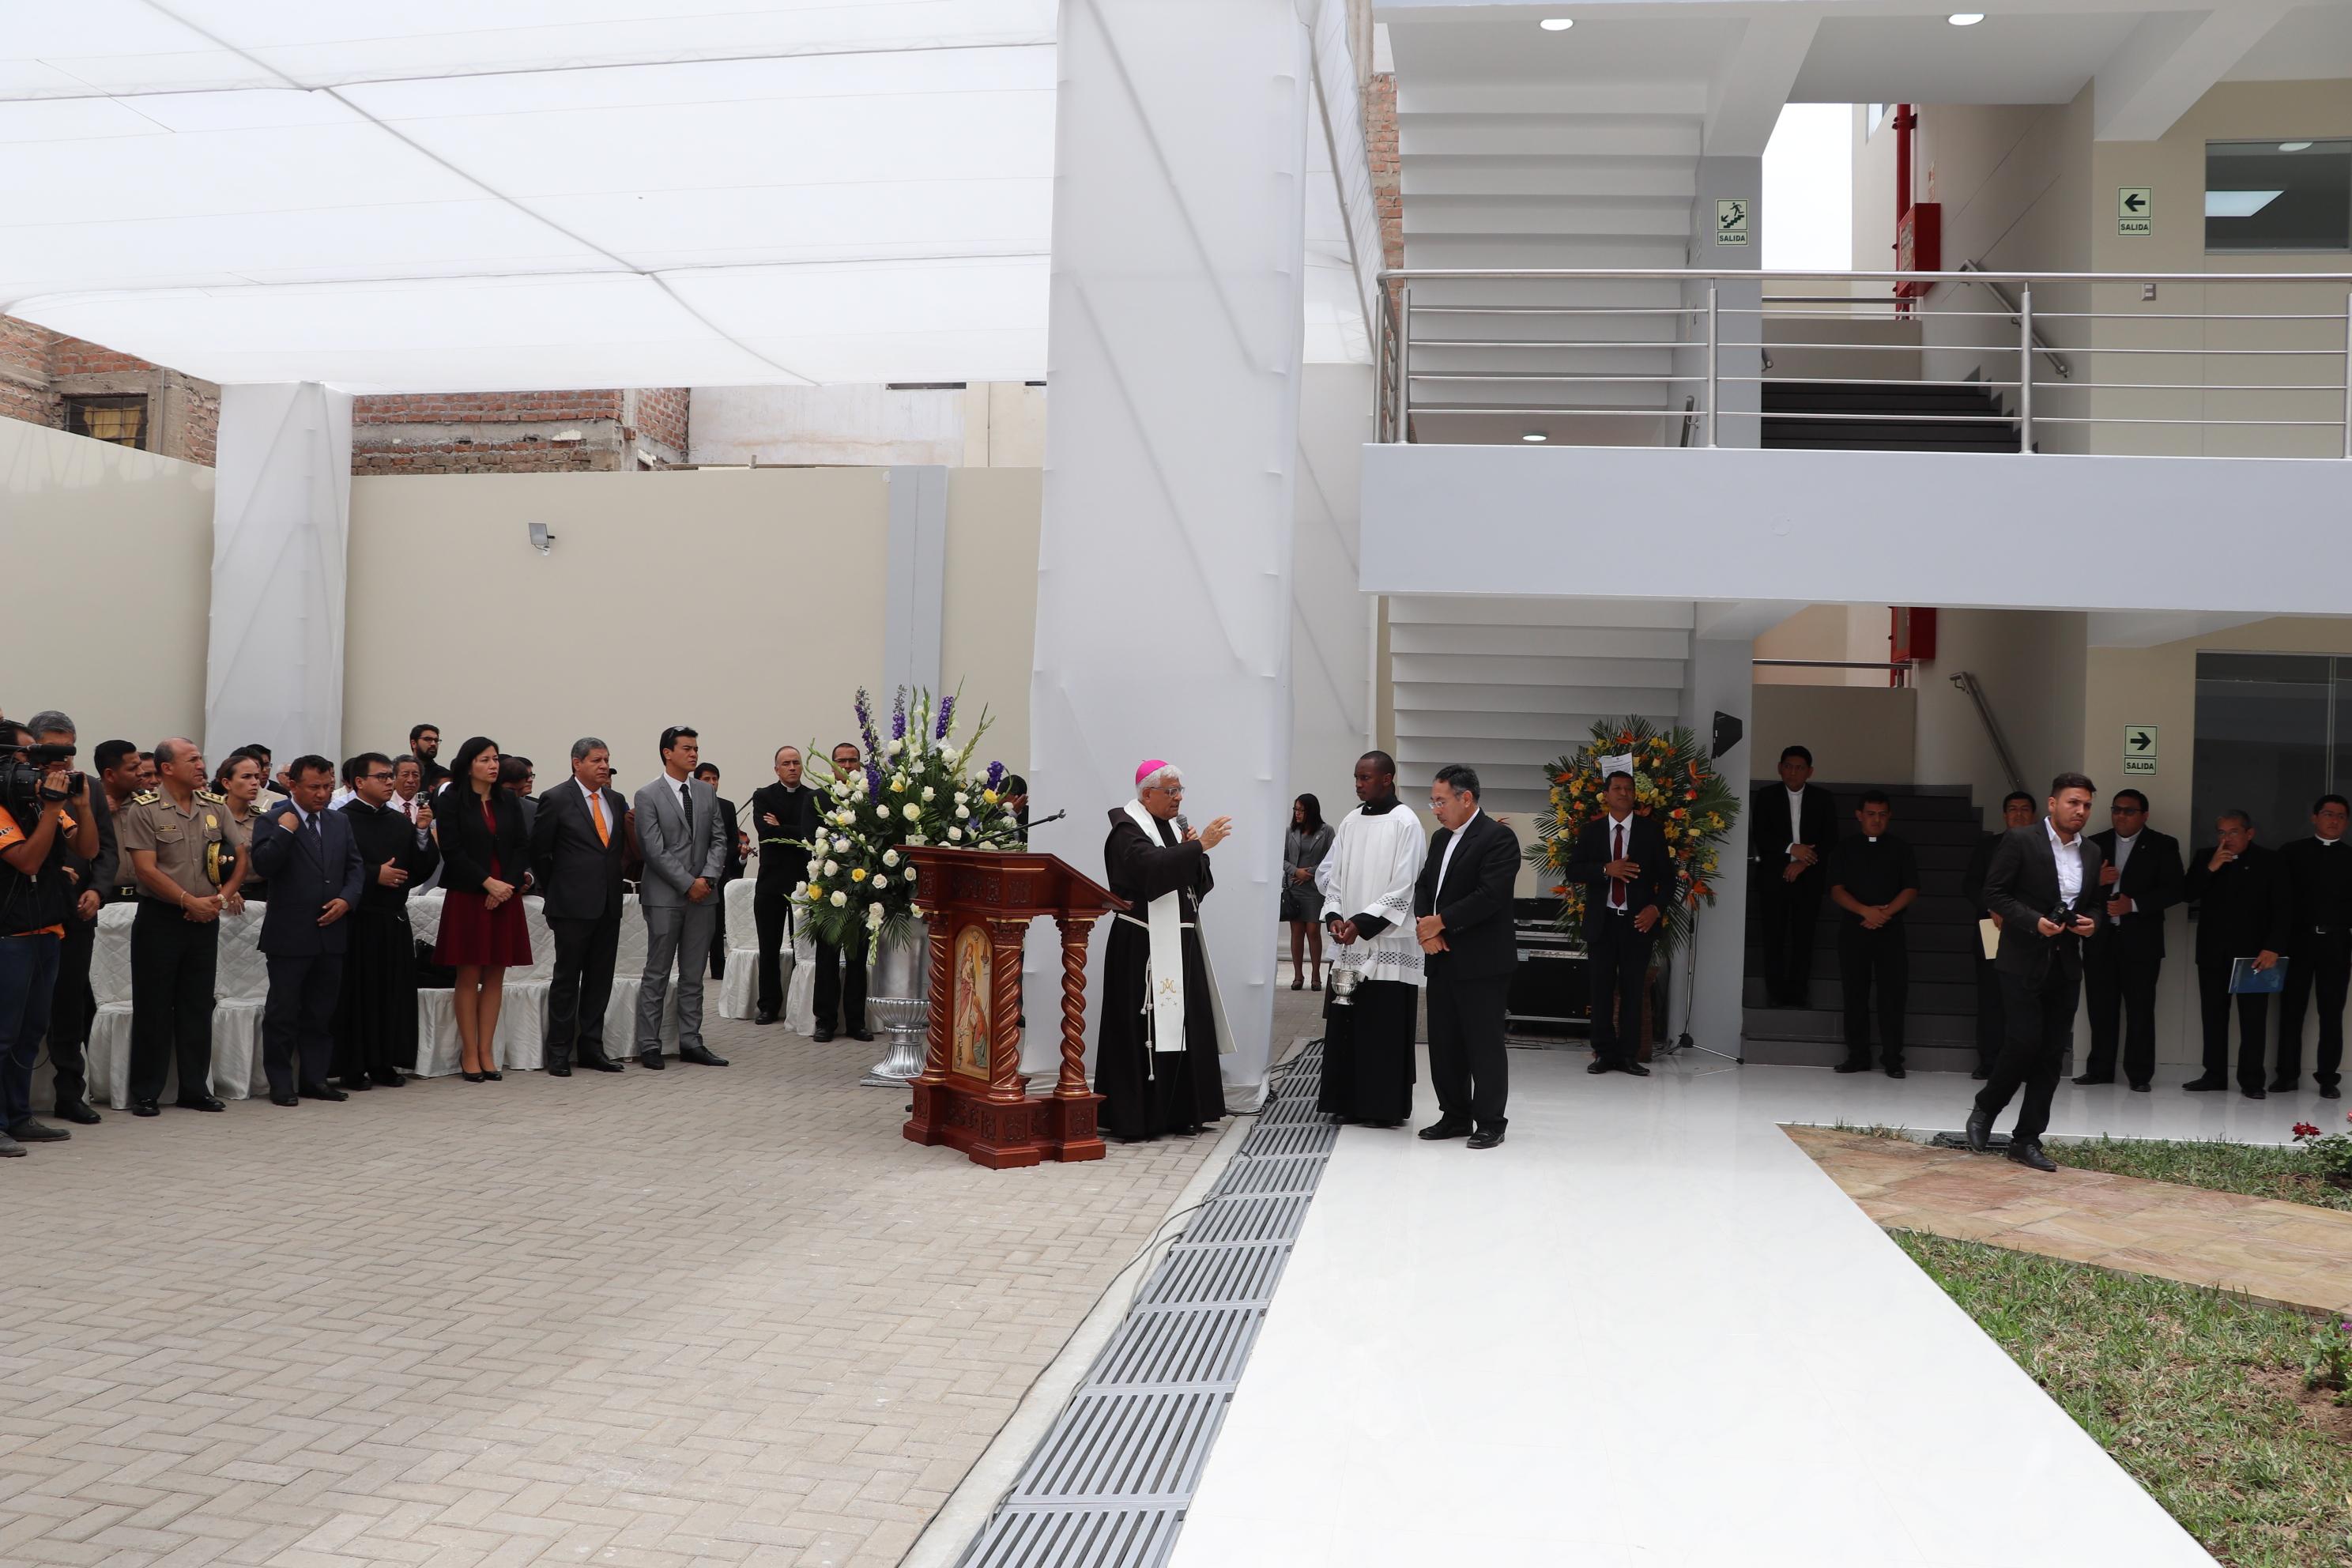 Arzobispo inauguró nuevo edificio para Escuela de Posgrado UCT